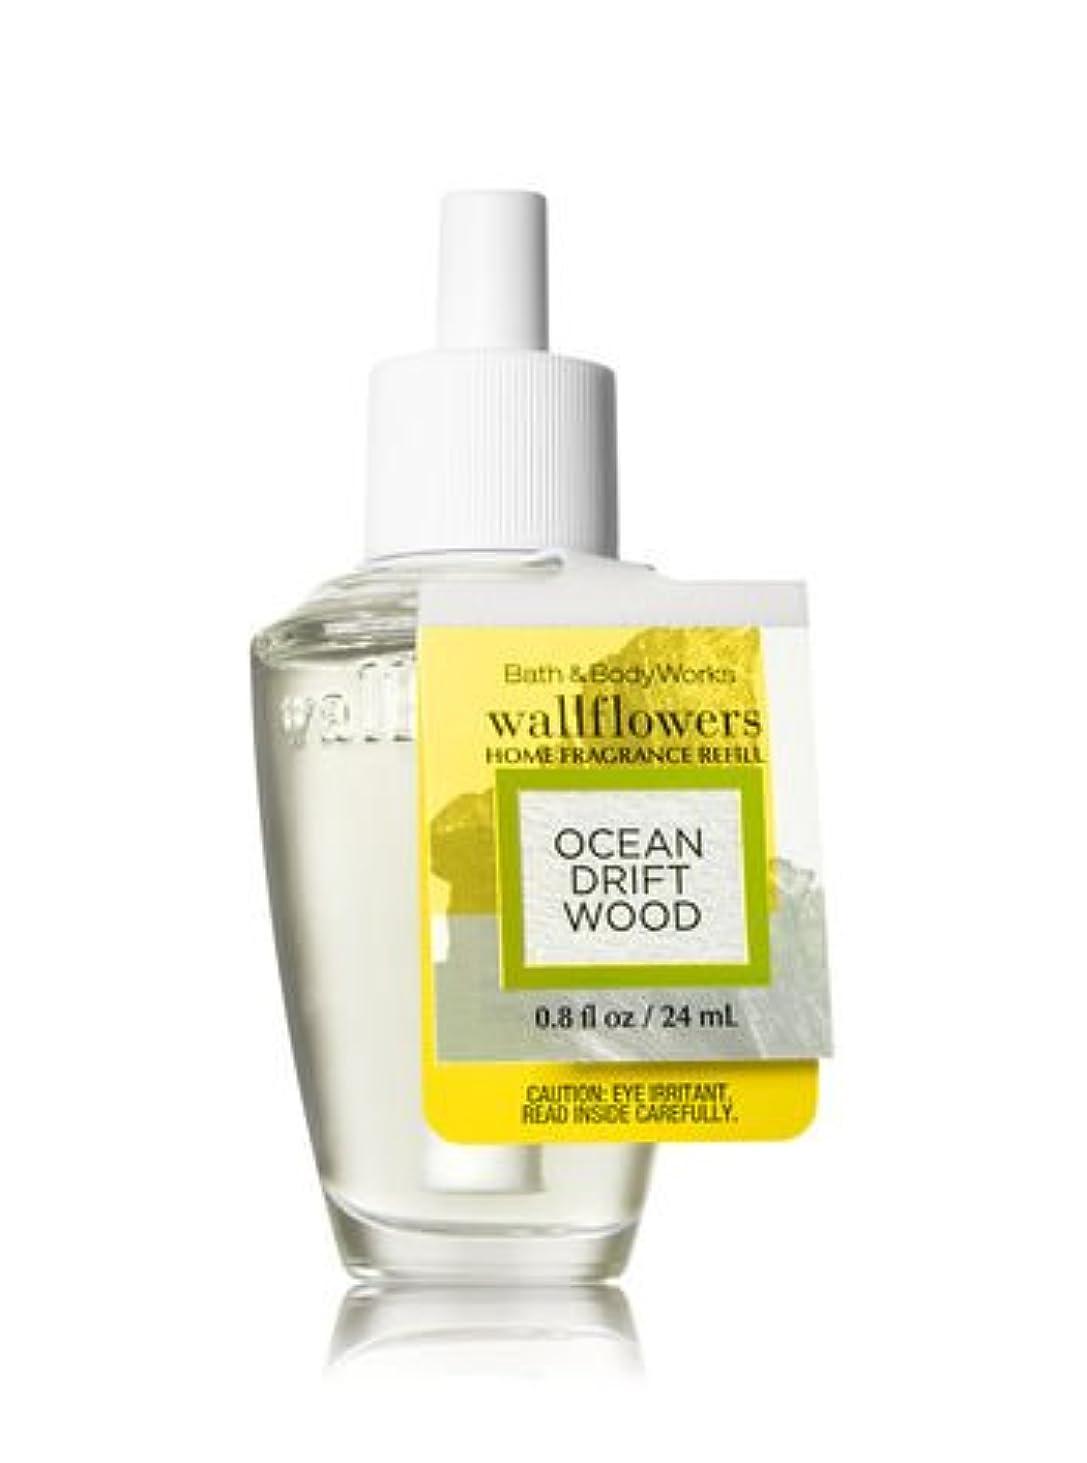 メロンジャーナリスト転倒【Bath&Body Works/バス&ボディワークス】 ルームフレグランス 詰替えリフィル オーシャンドリフトウッド Wallflowers Home Fragrance Refill Ocean Driftwood [並行輸入品]